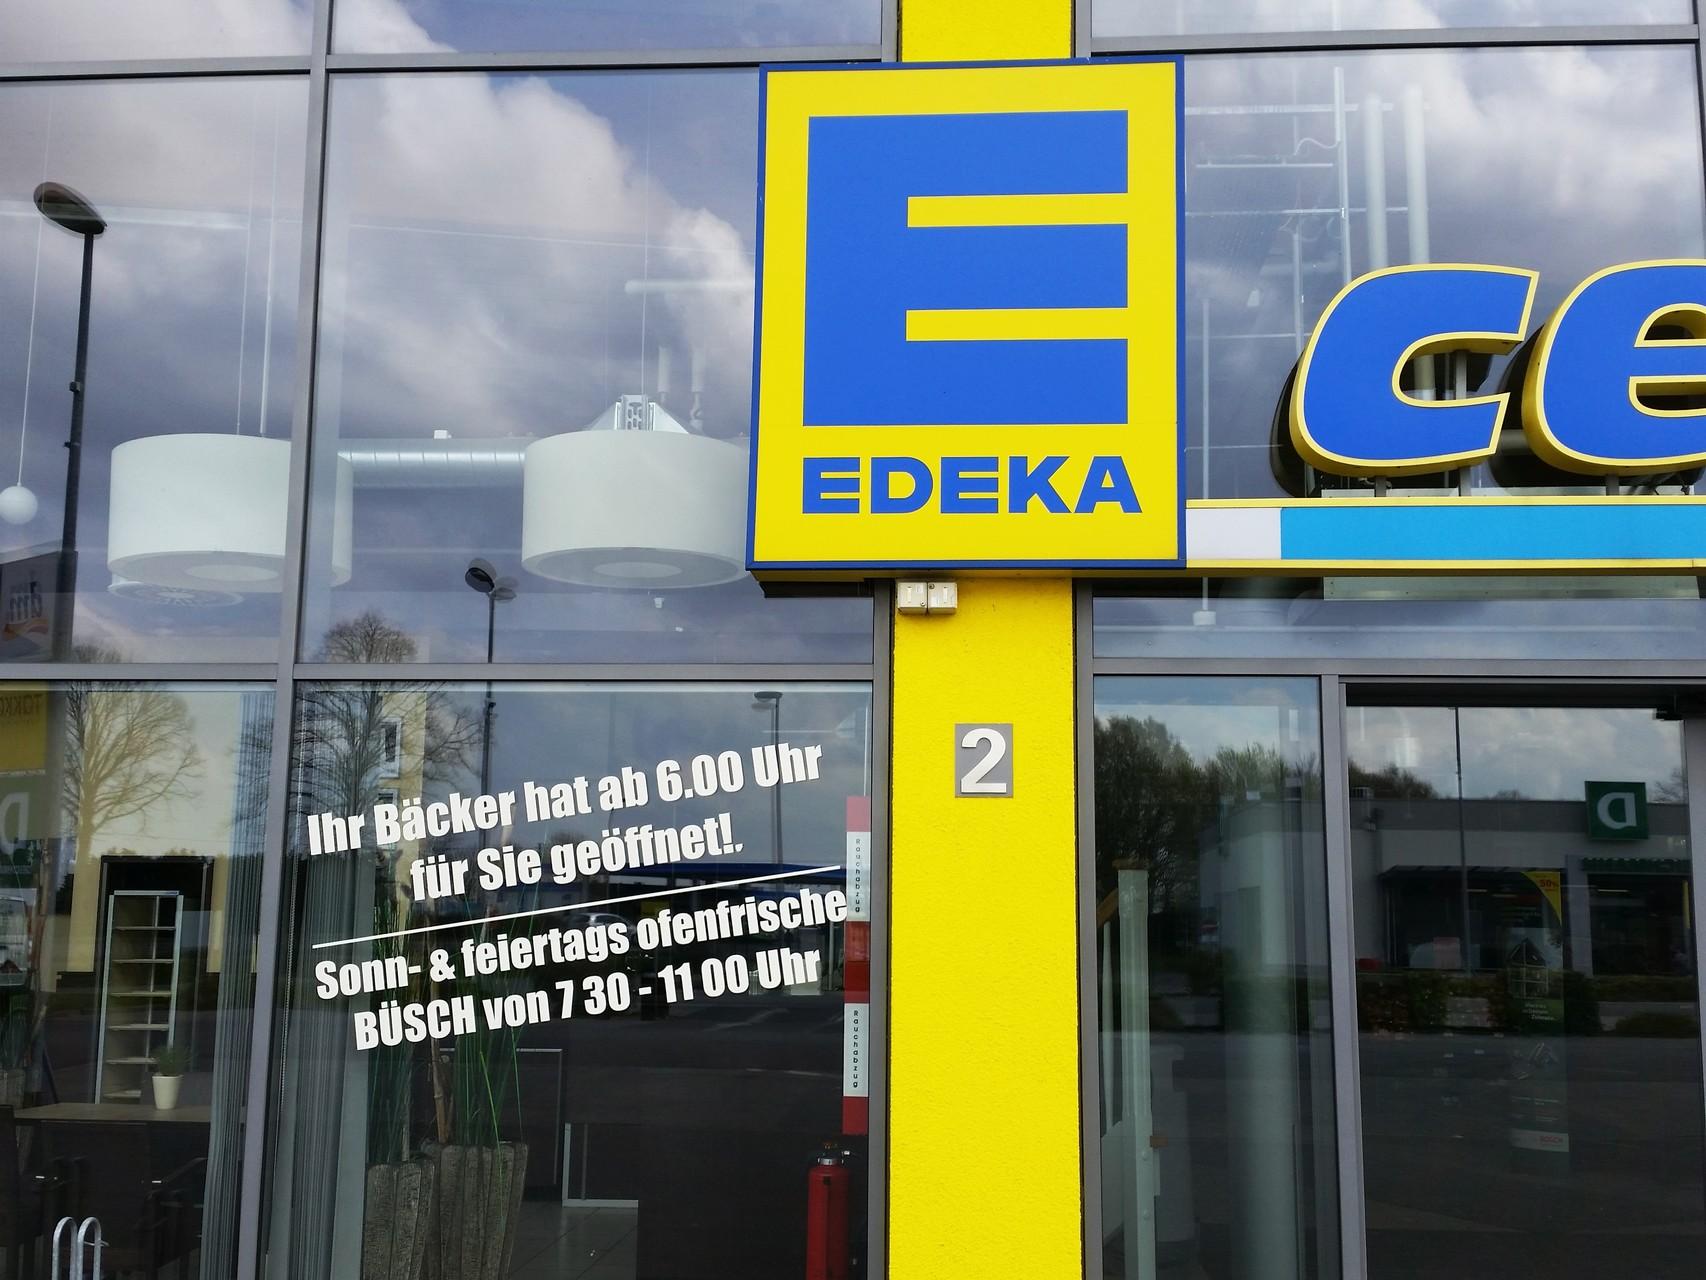 Bäckerei Büsch mit Cafe´ im EDEKA-Markt, Öffnungszeiten, auch an Sonn- und Feiertagen